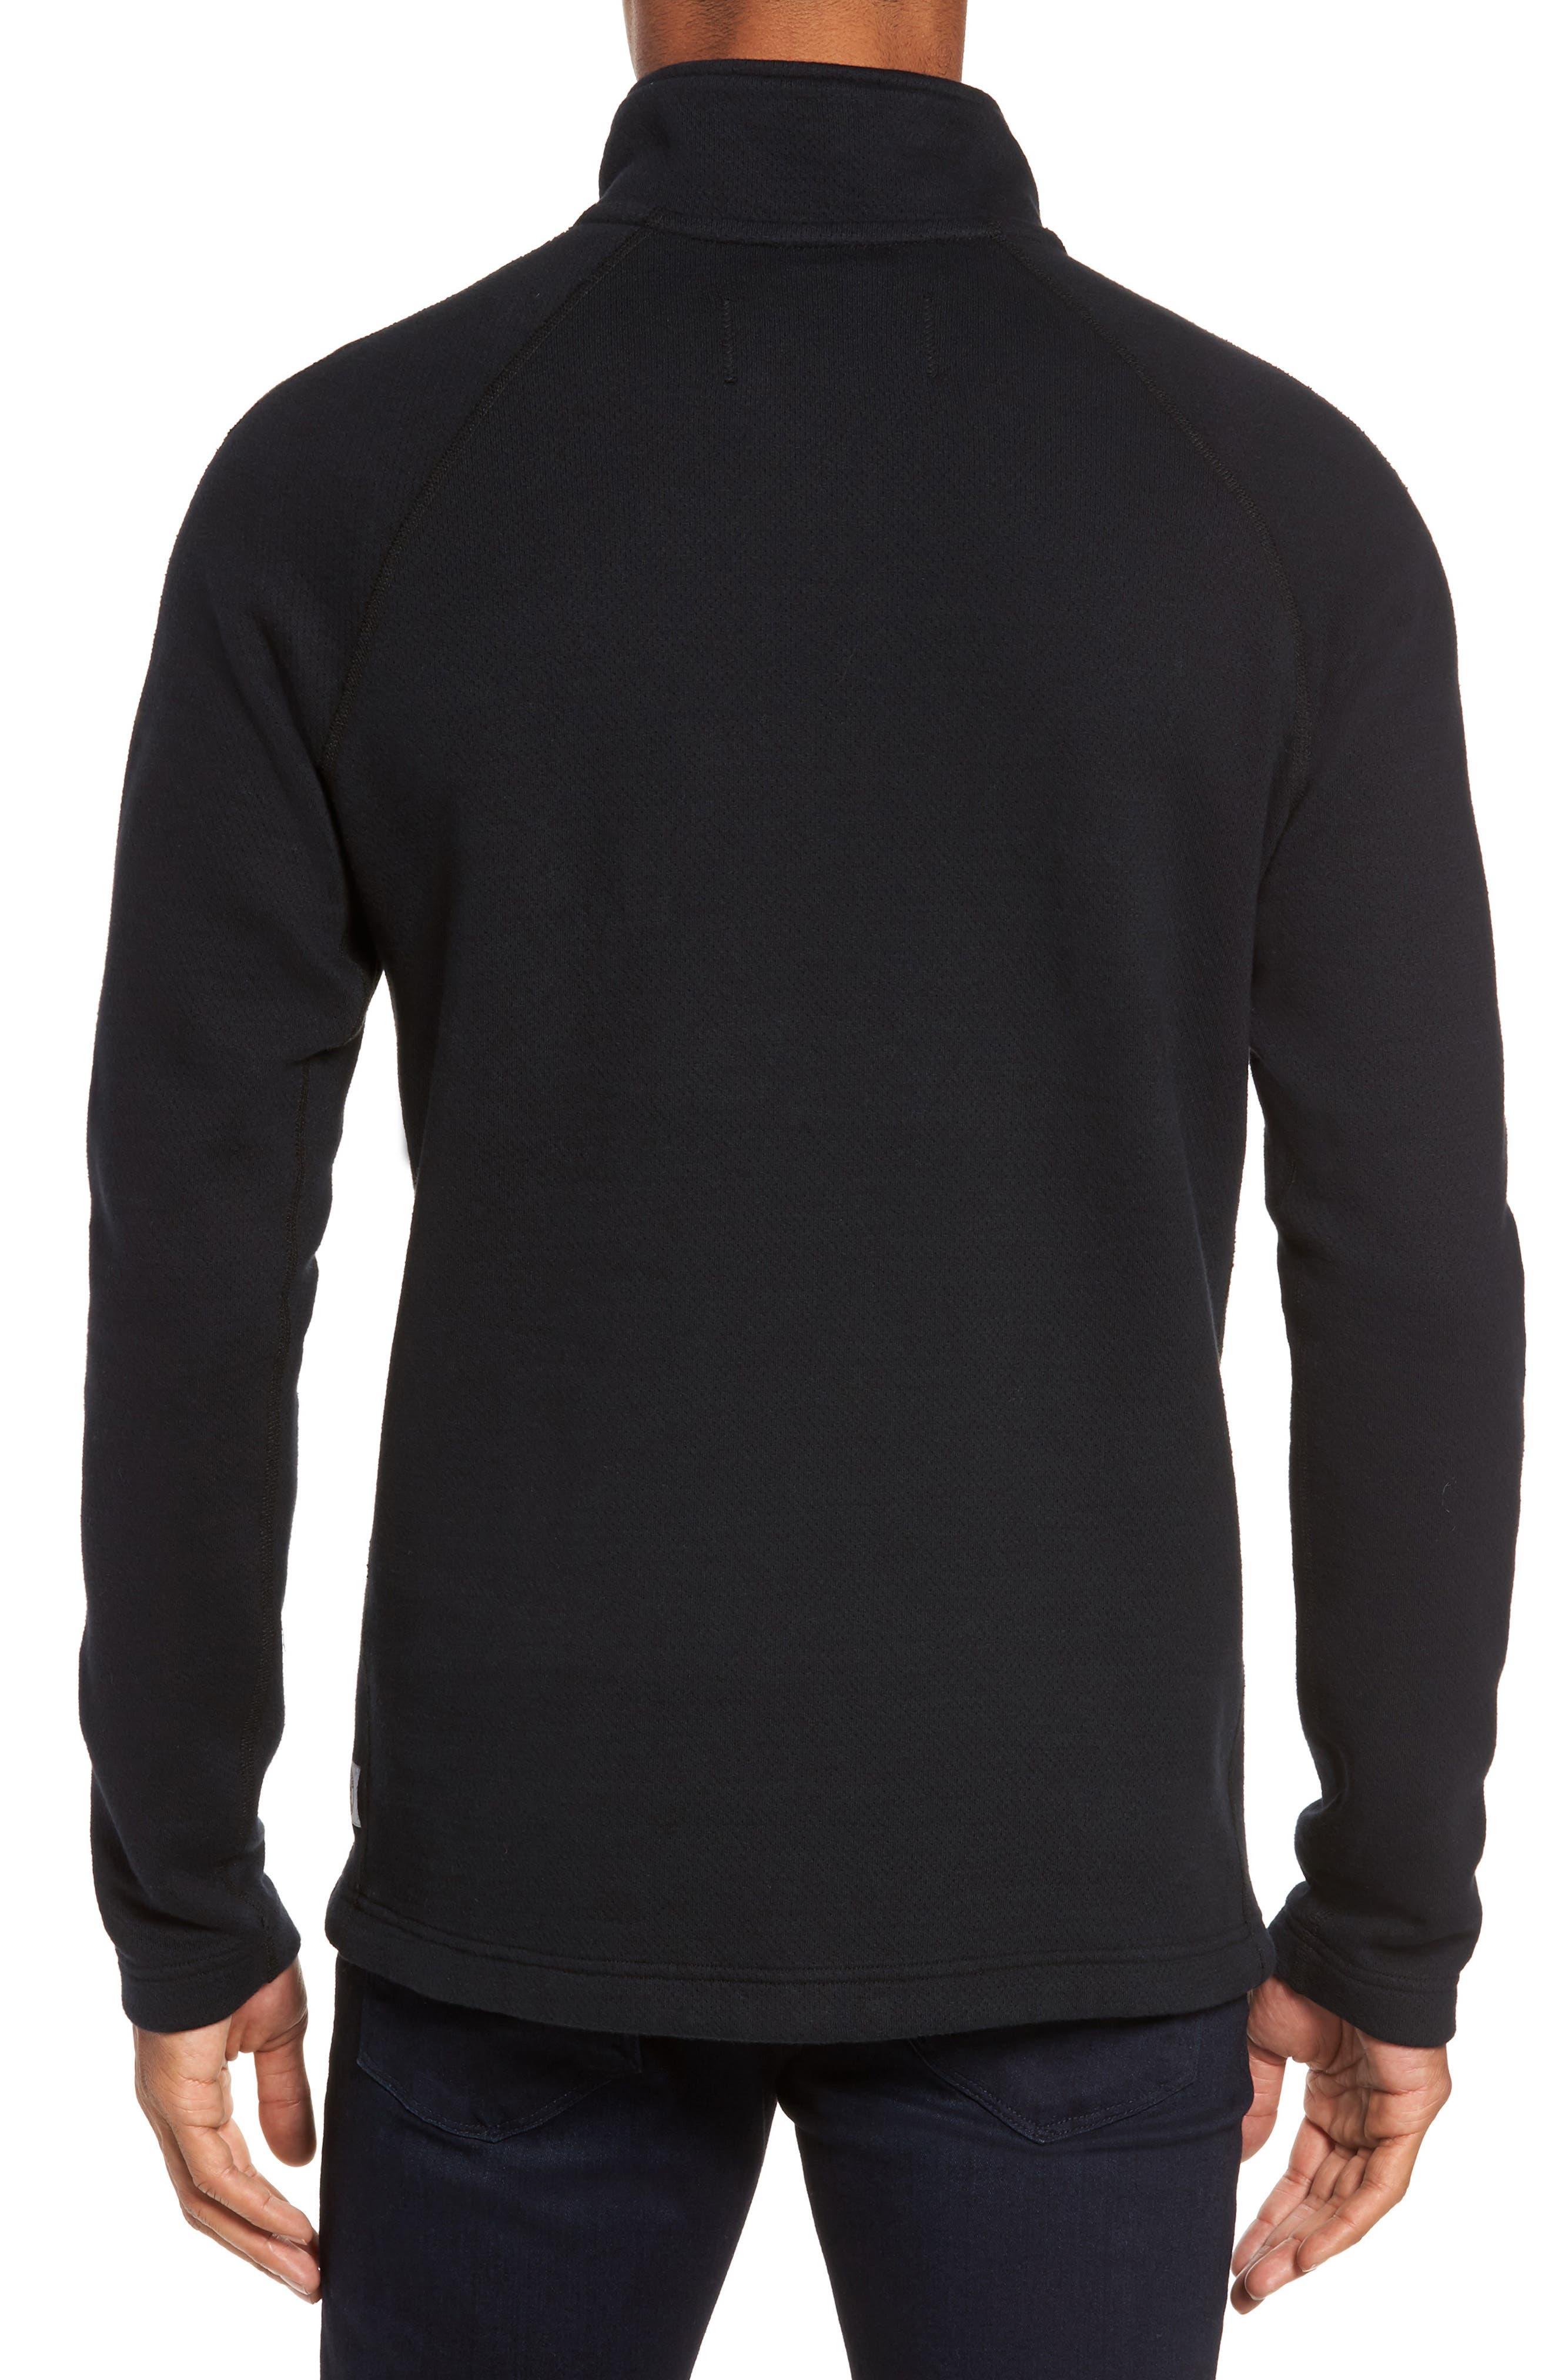 Mesh Half Zip Fleece Top,                             Alternate thumbnail 2, color,                             Black